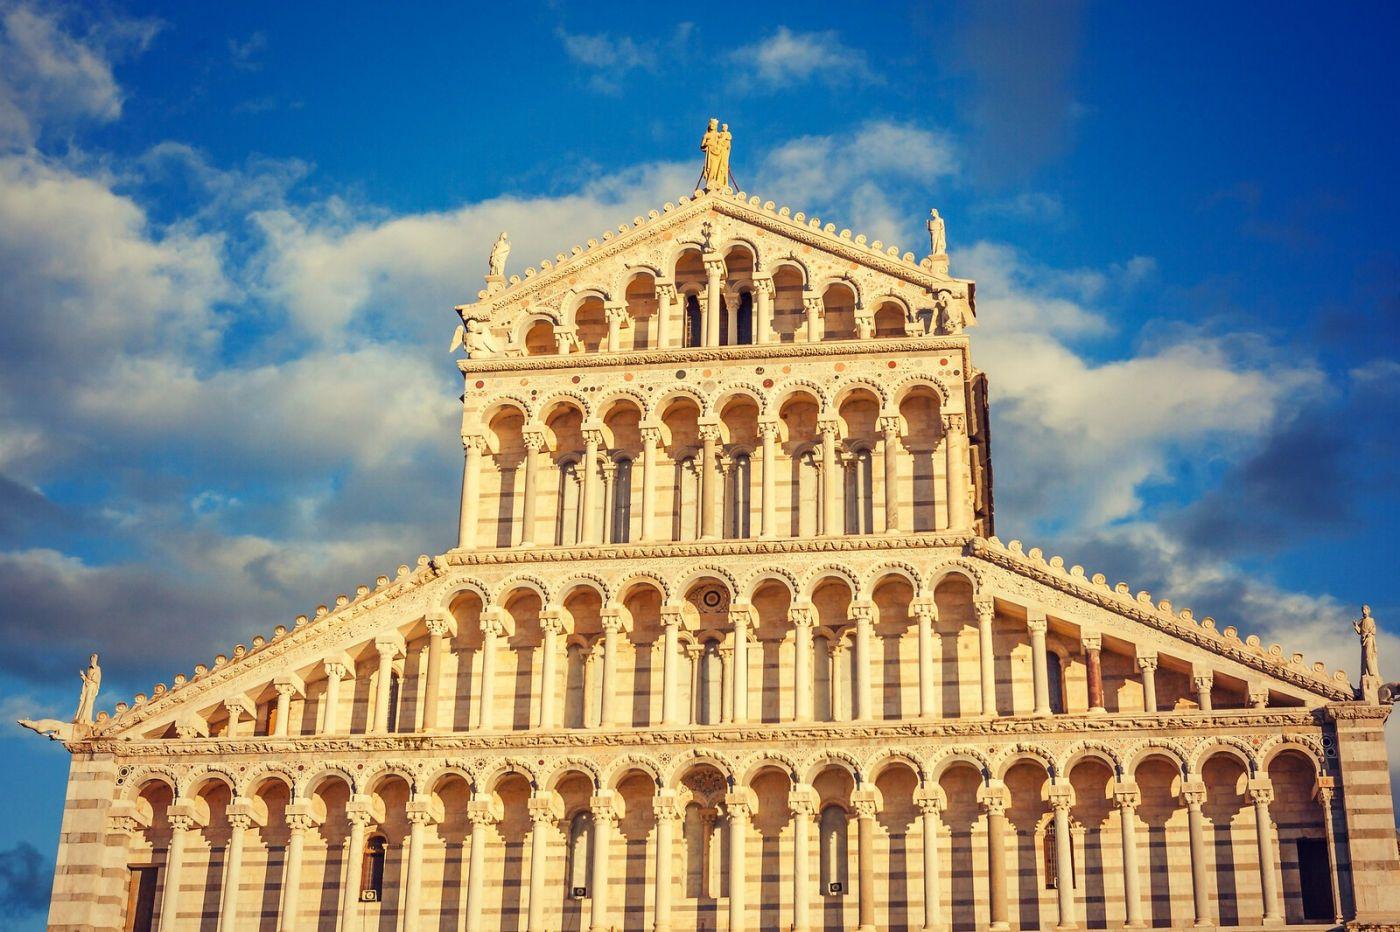 意大利比萨斜塔,塔旁的建筑群_图1-4